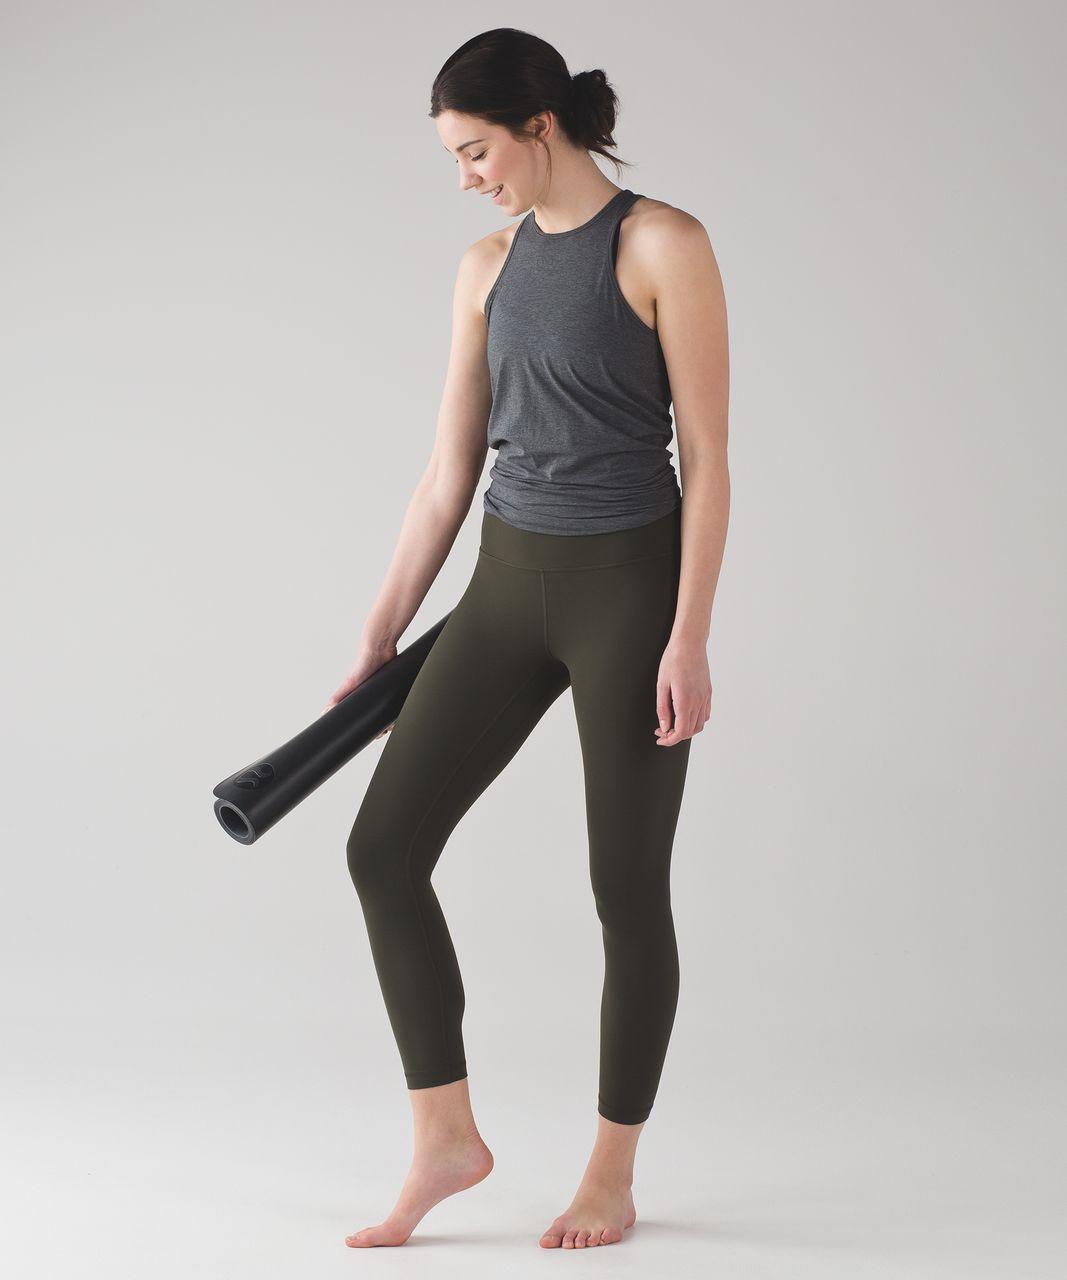 Lululemon Align Pant II - Dark Olive